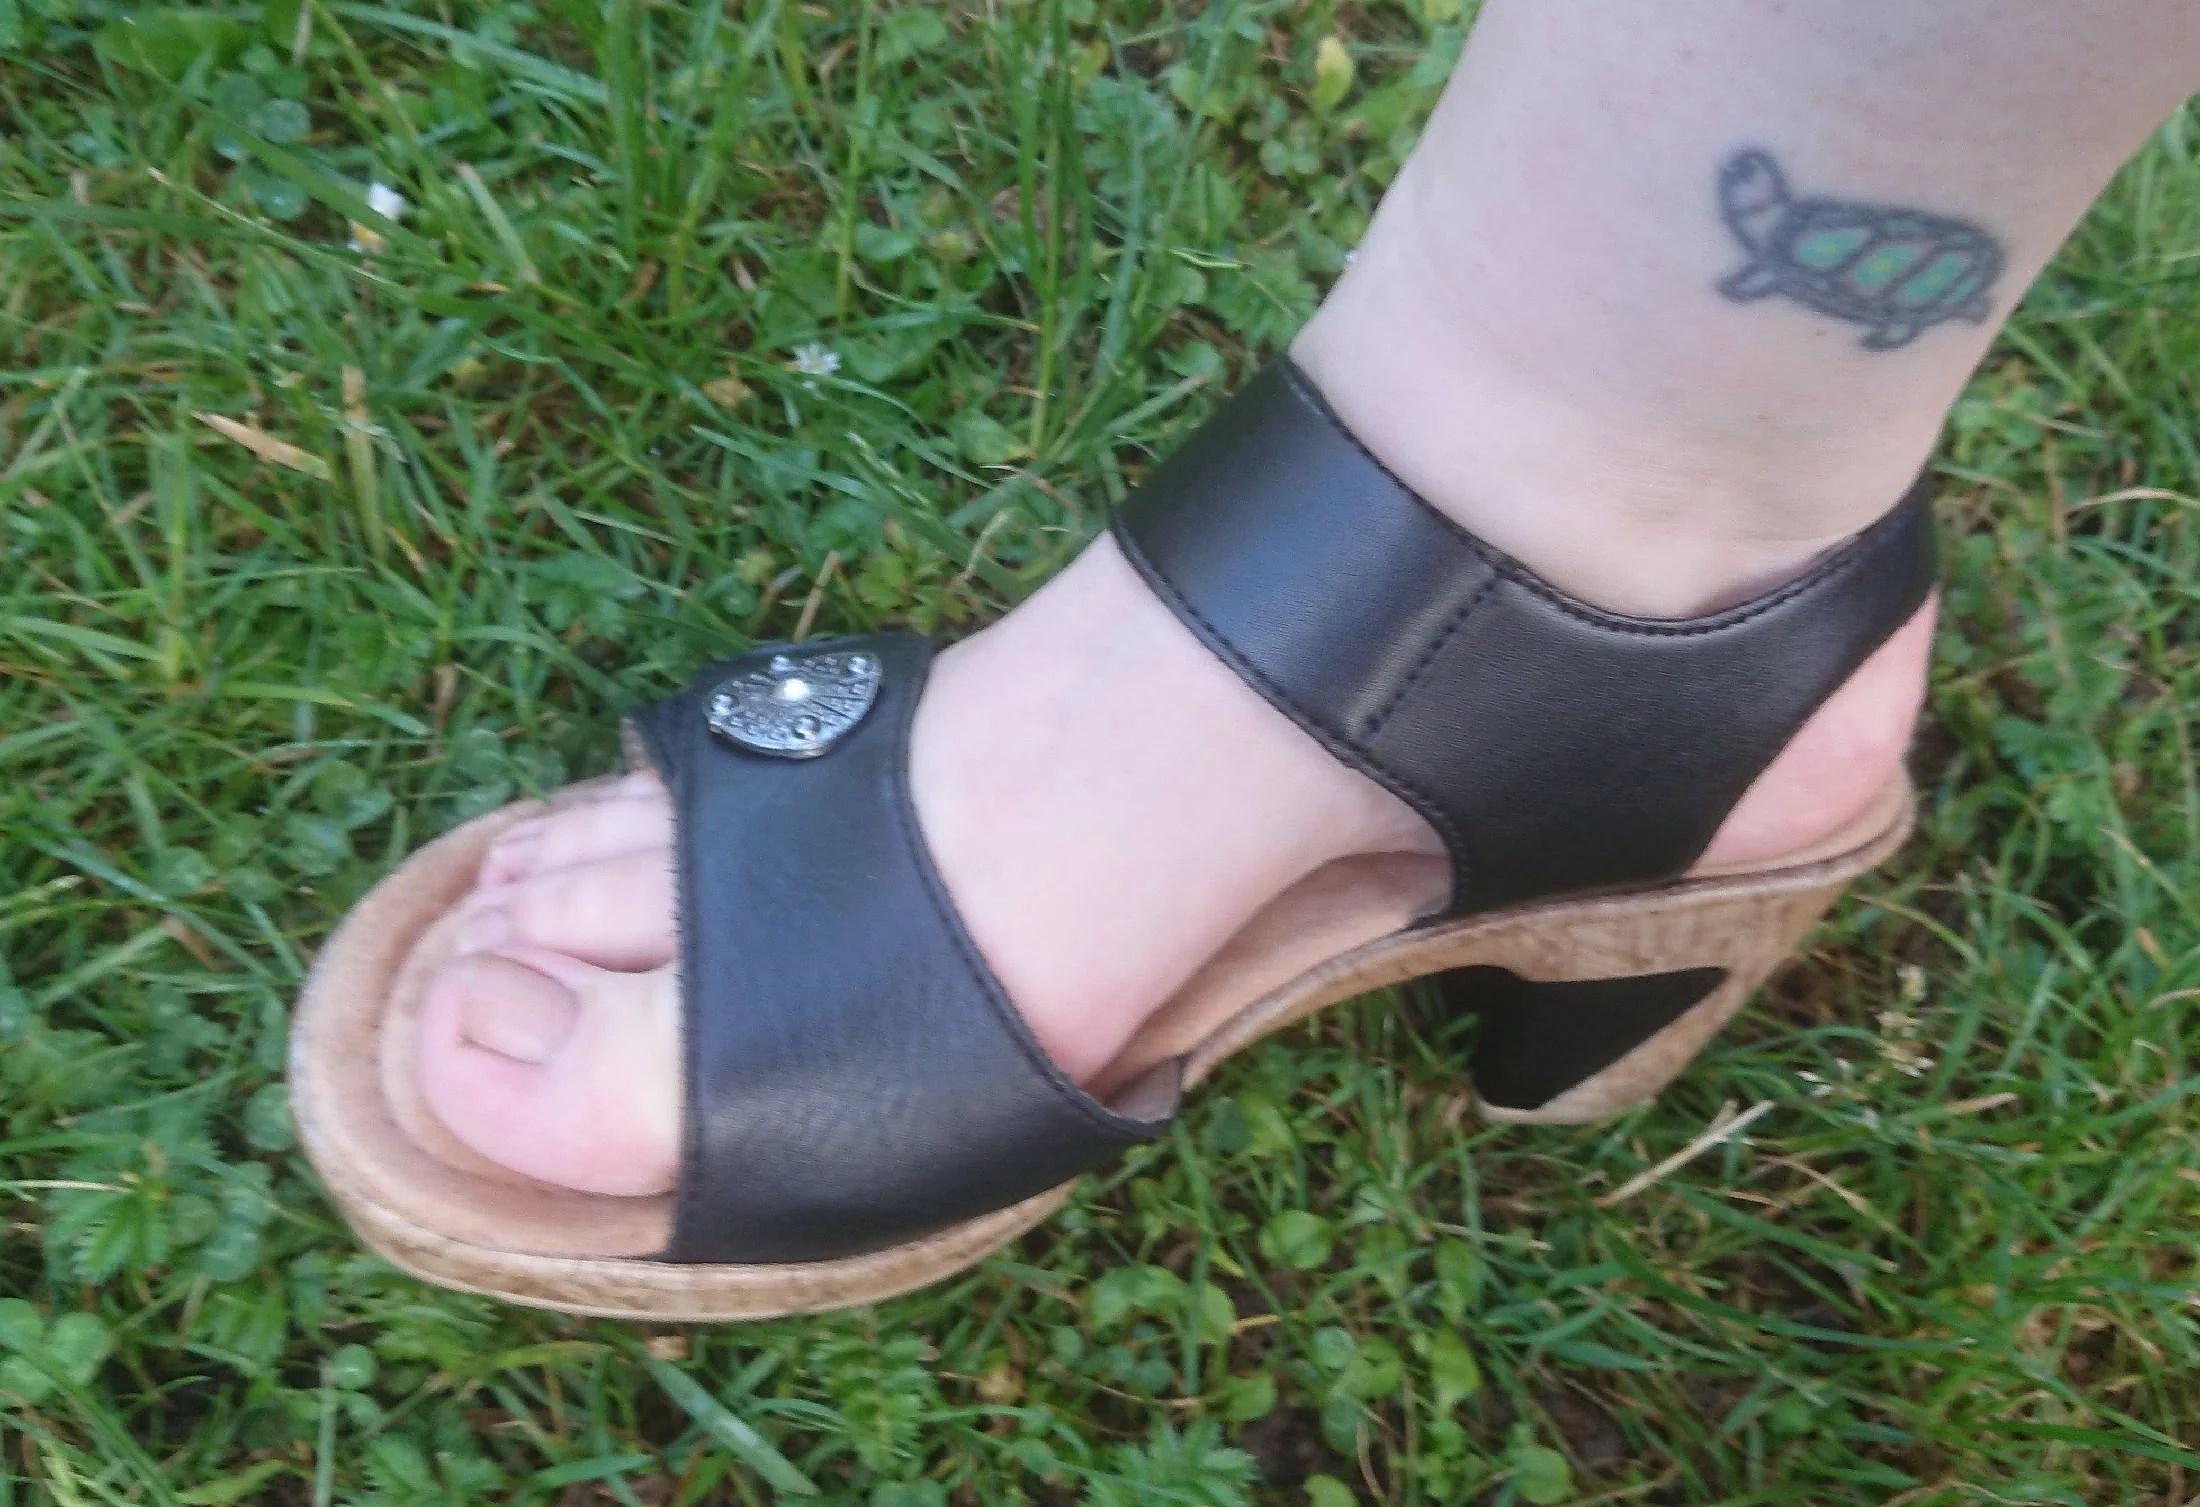 Blev lite kär i skorna. 😍